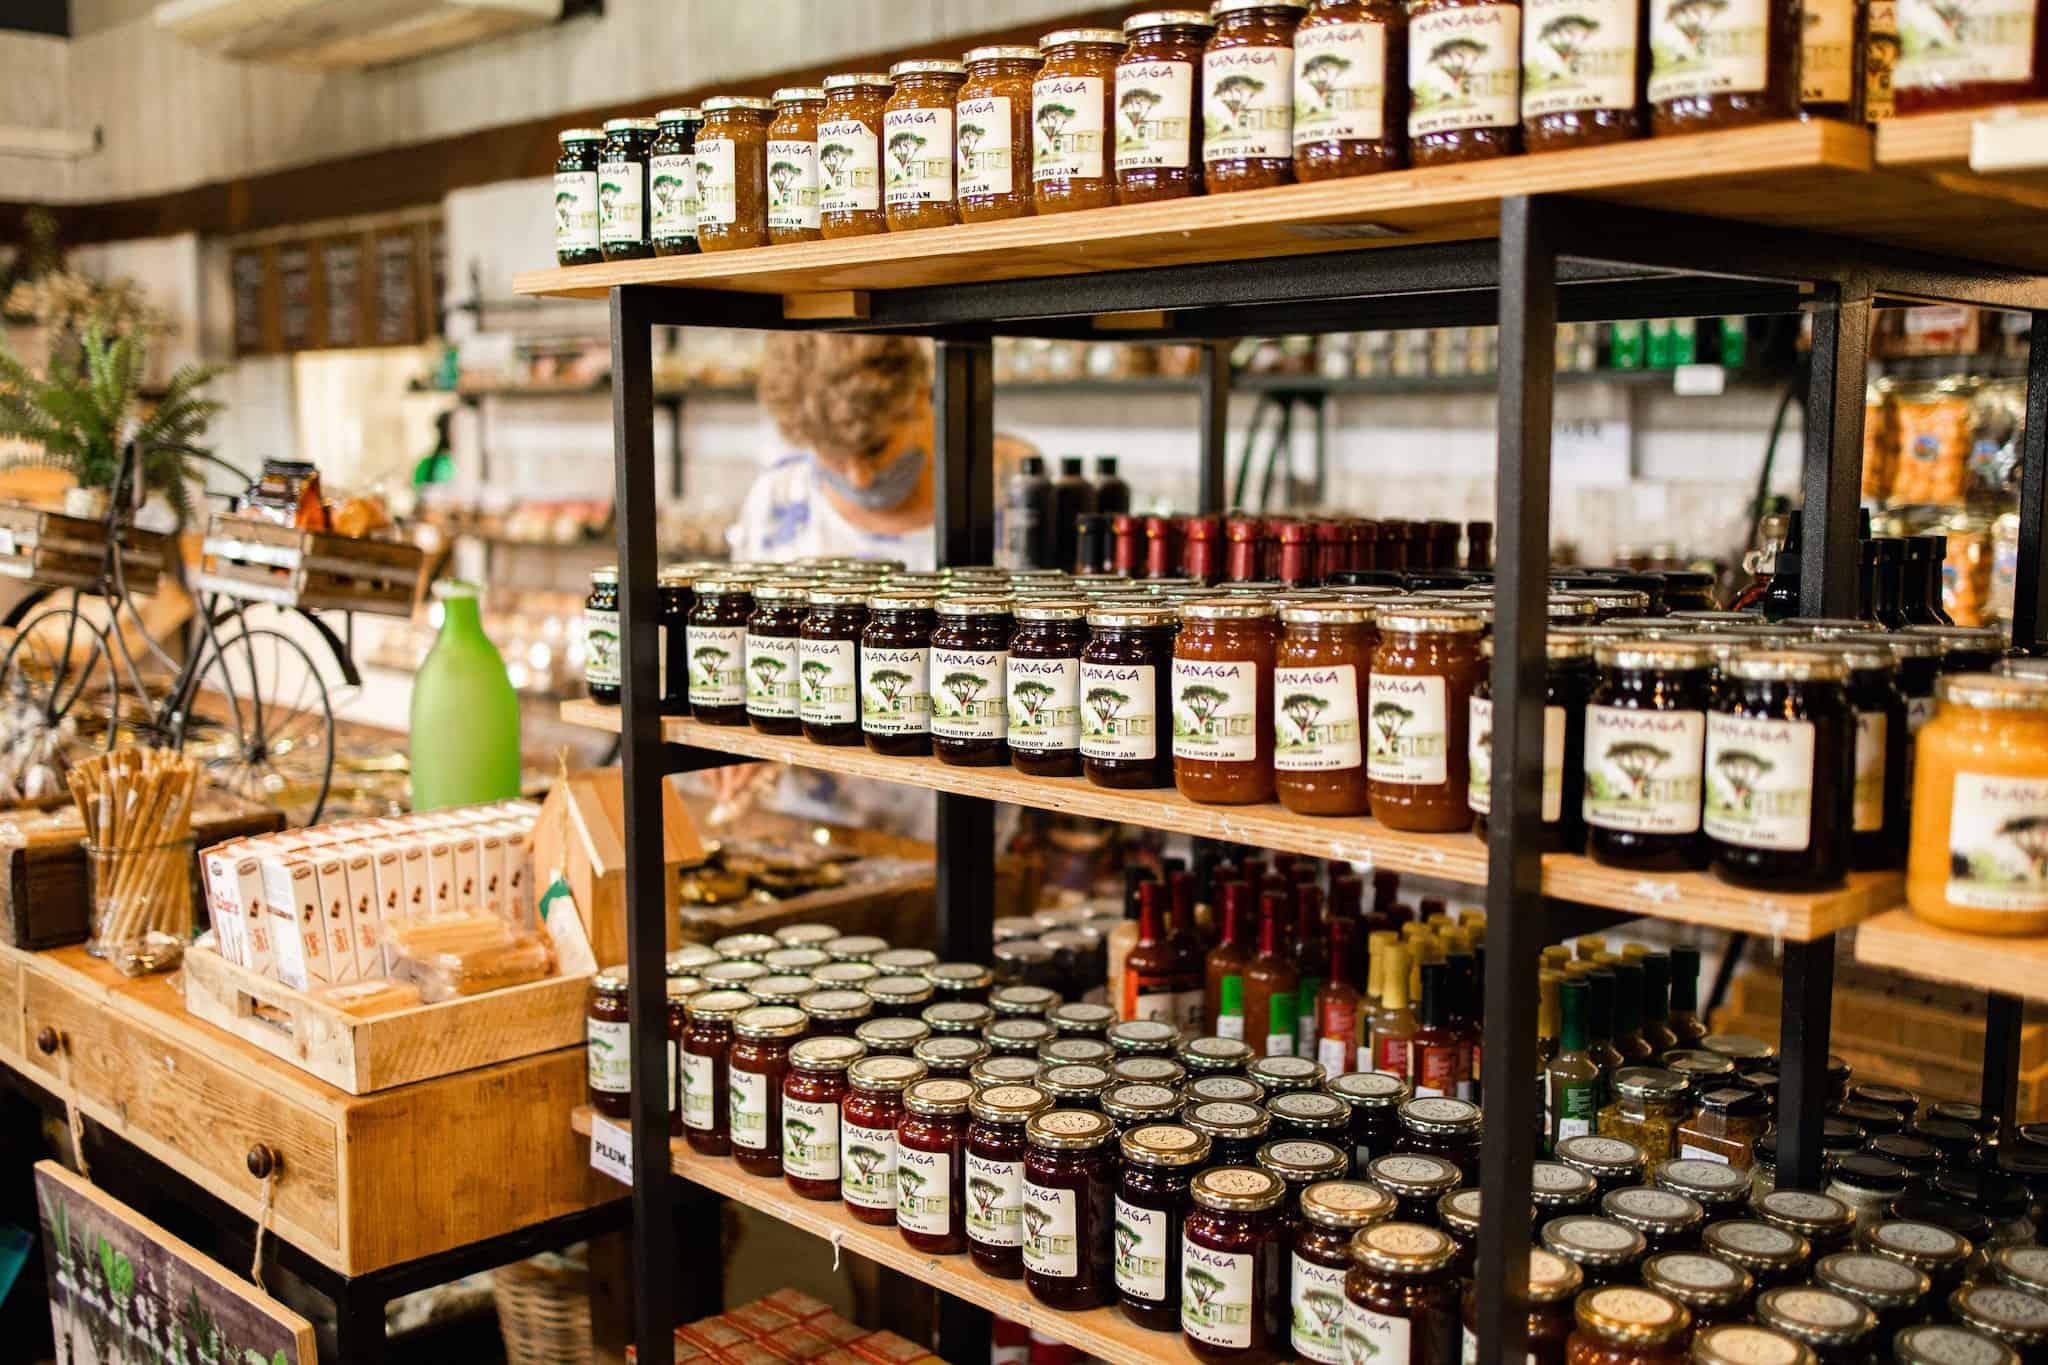 Nanaga jams and preserves